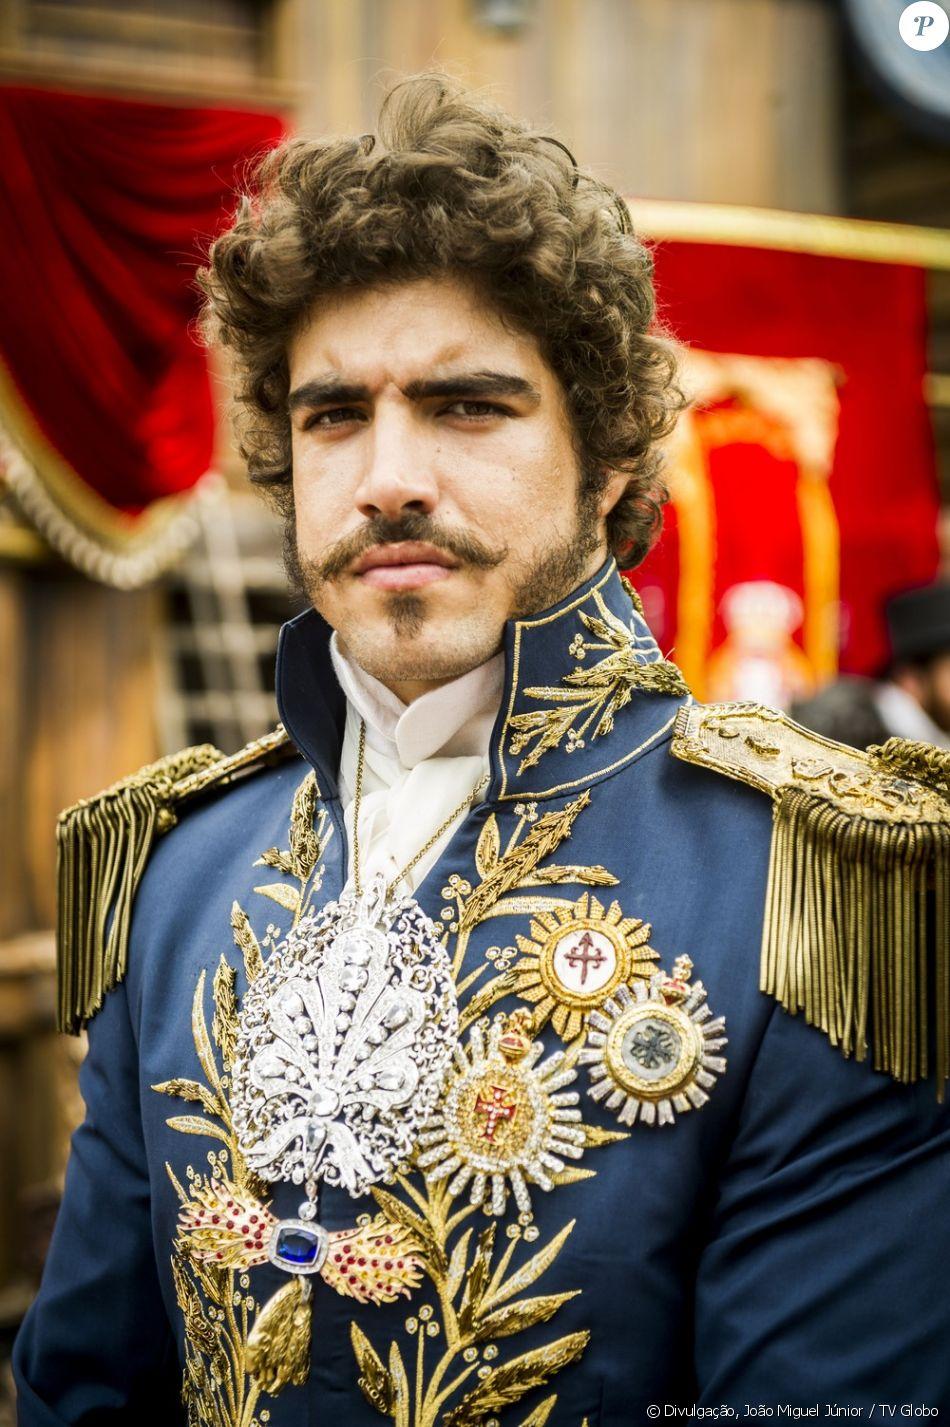 Caio Castro será o mulherengo Dom Pedro I  e se envolverá com muitas mulheres - três delas em especial - na novela 'Novo Mundo', com estreia prevista para março de 2017